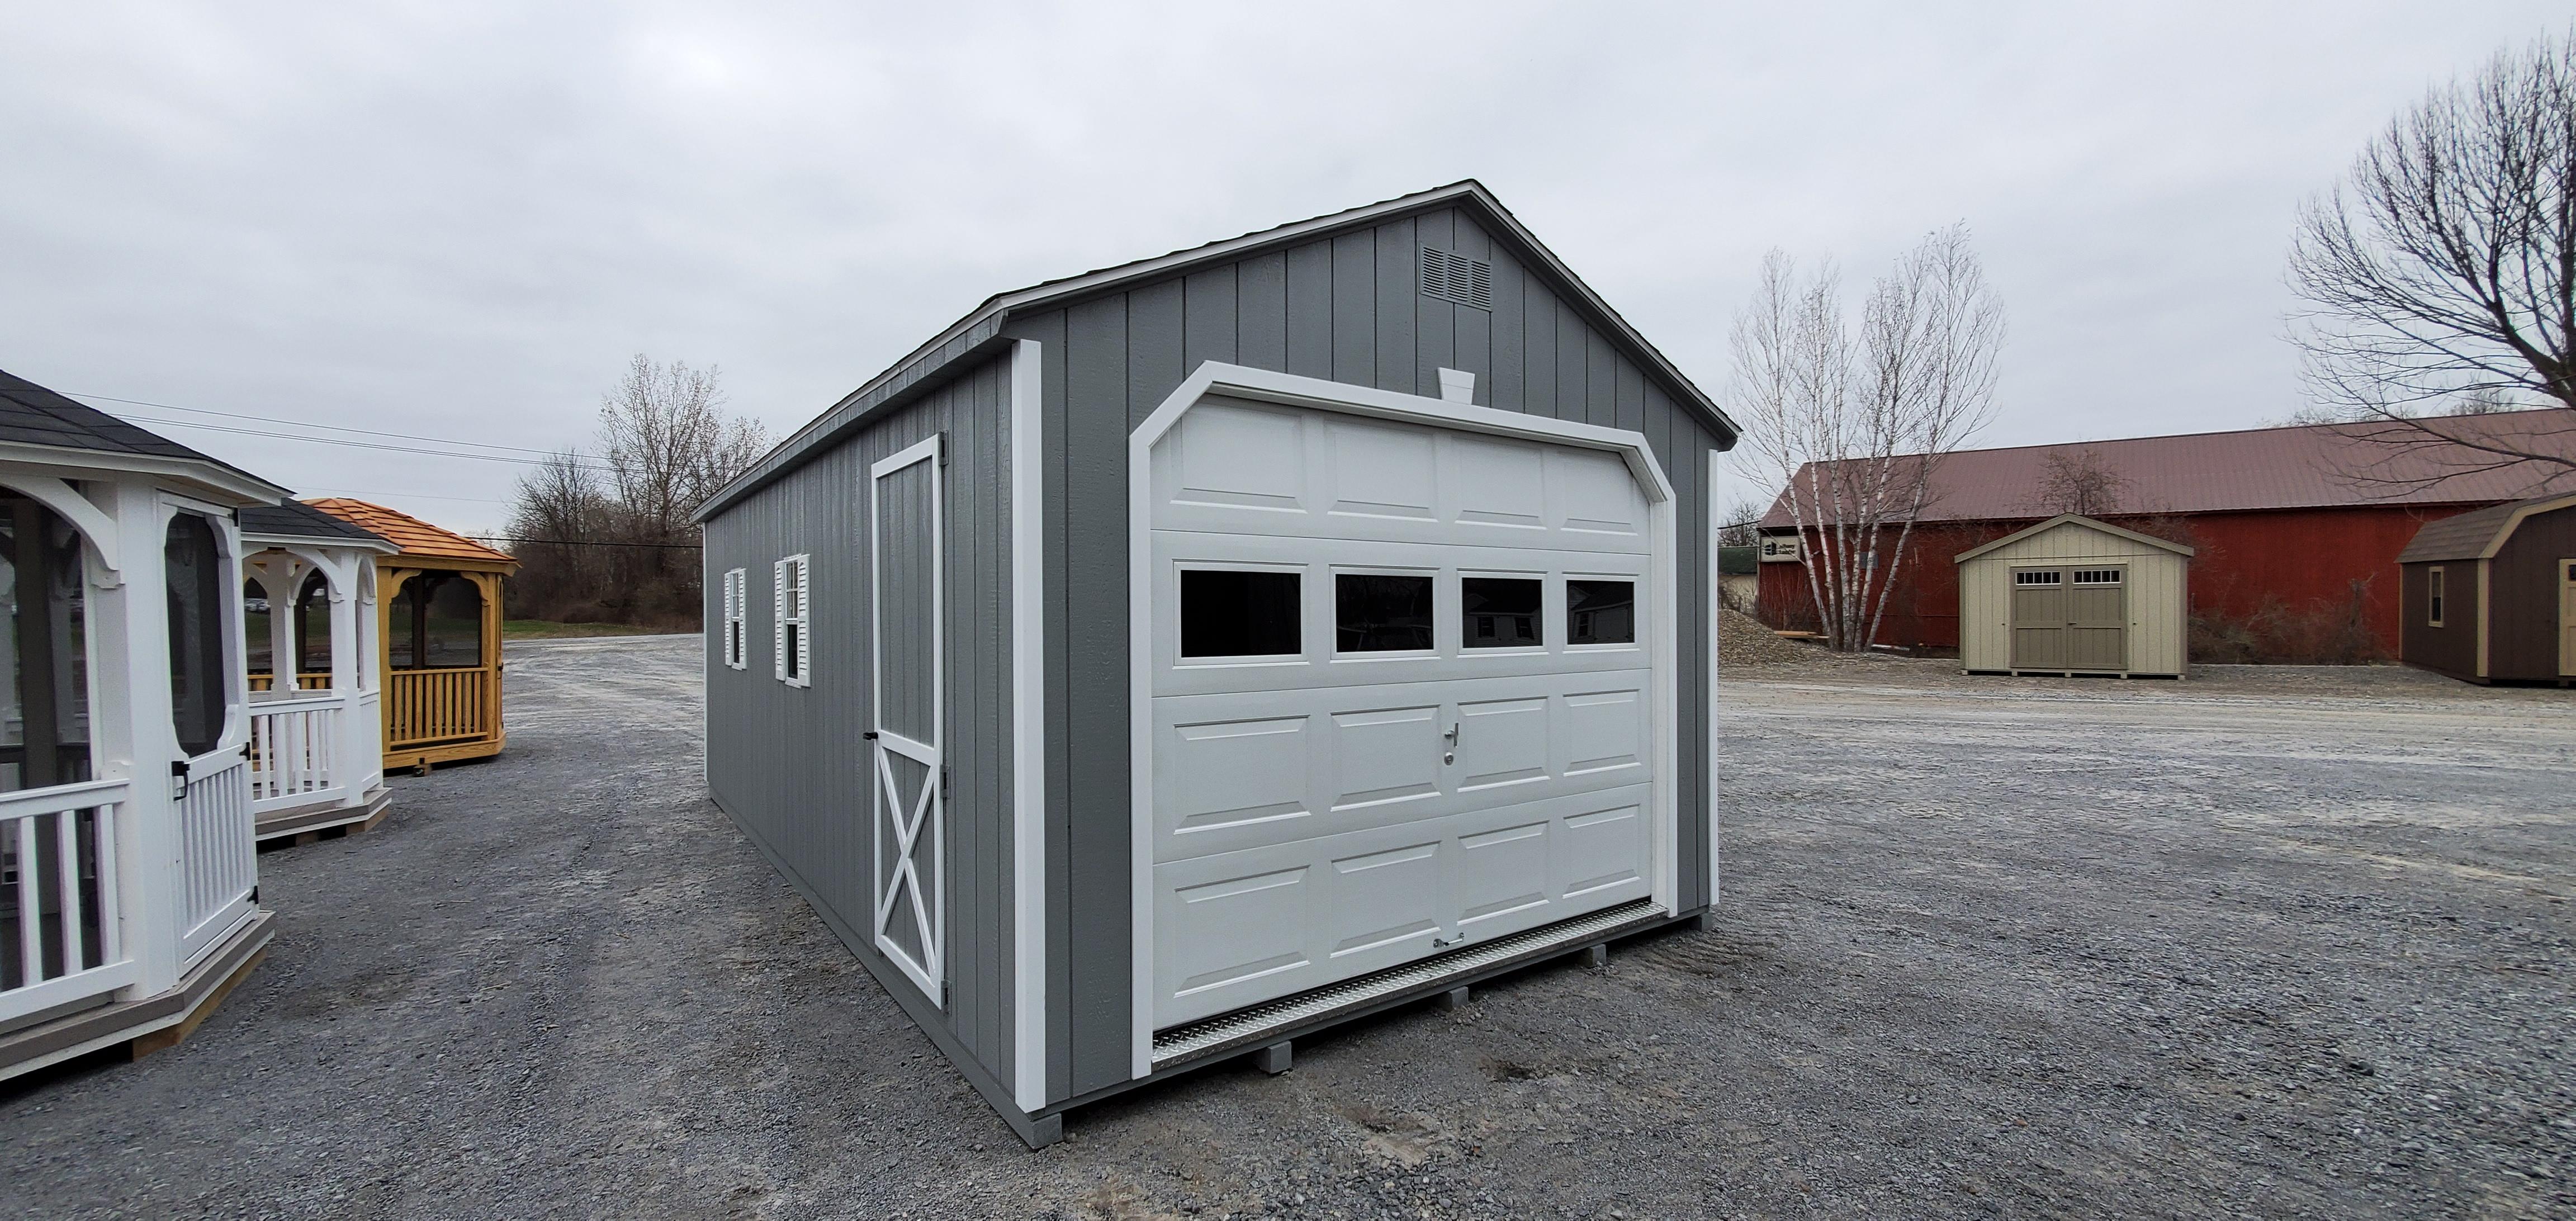 12' X 24' Duratemp Garage : Image 2